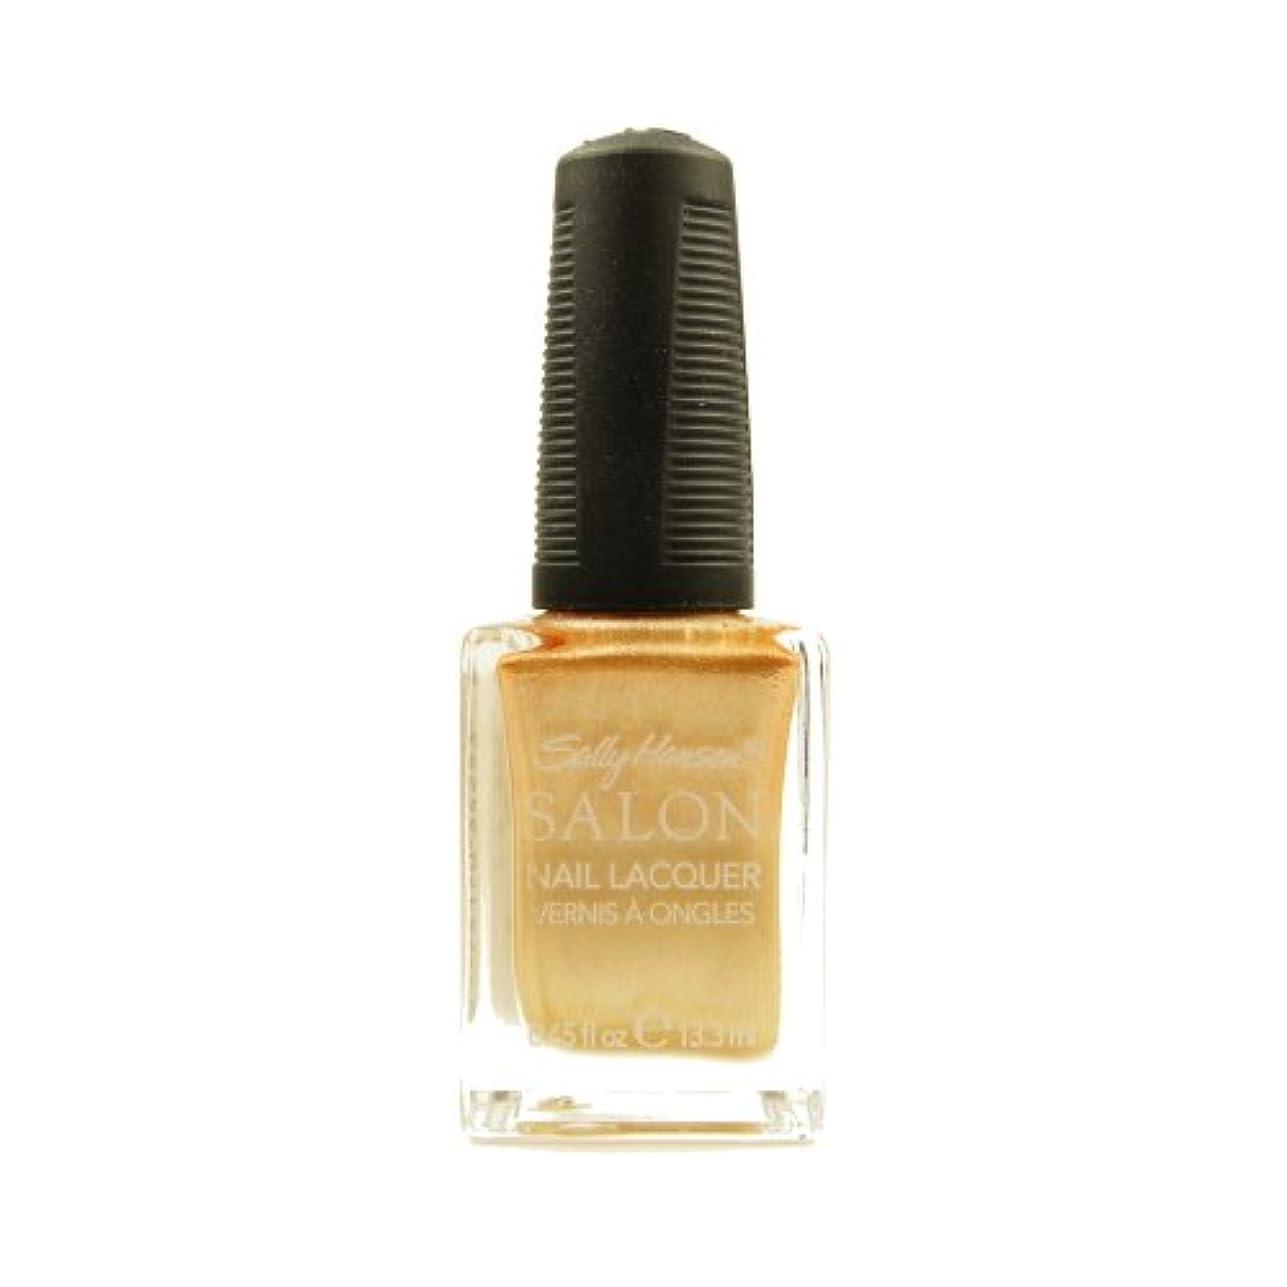 徴収電話する追跡(3 Pack) SALLY HANSEN Salon Nail Lacquer 4134 - Gilty Pleasure (並行輸入品)